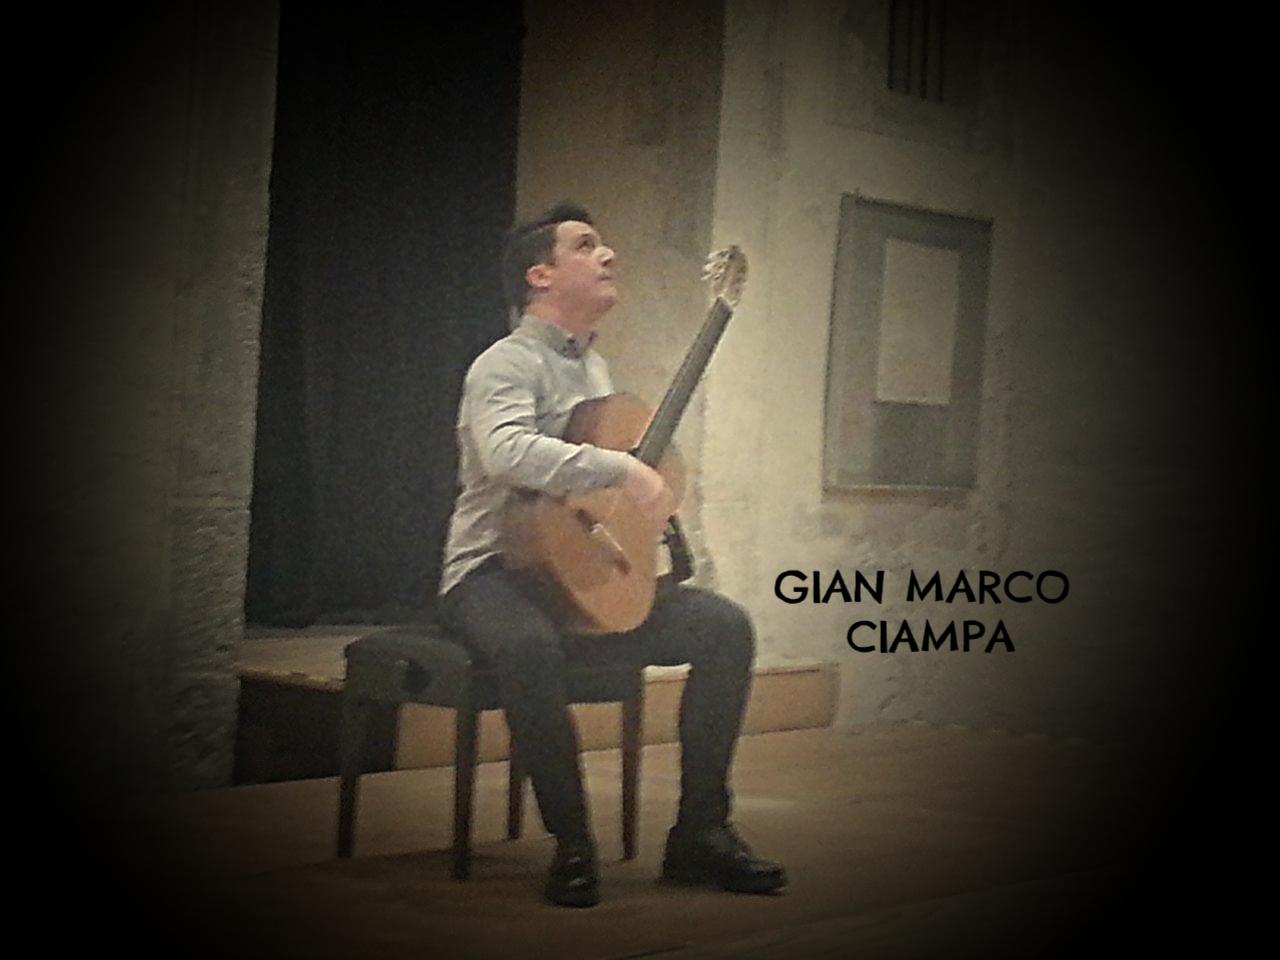 https://www.gianmarcociampa.com/